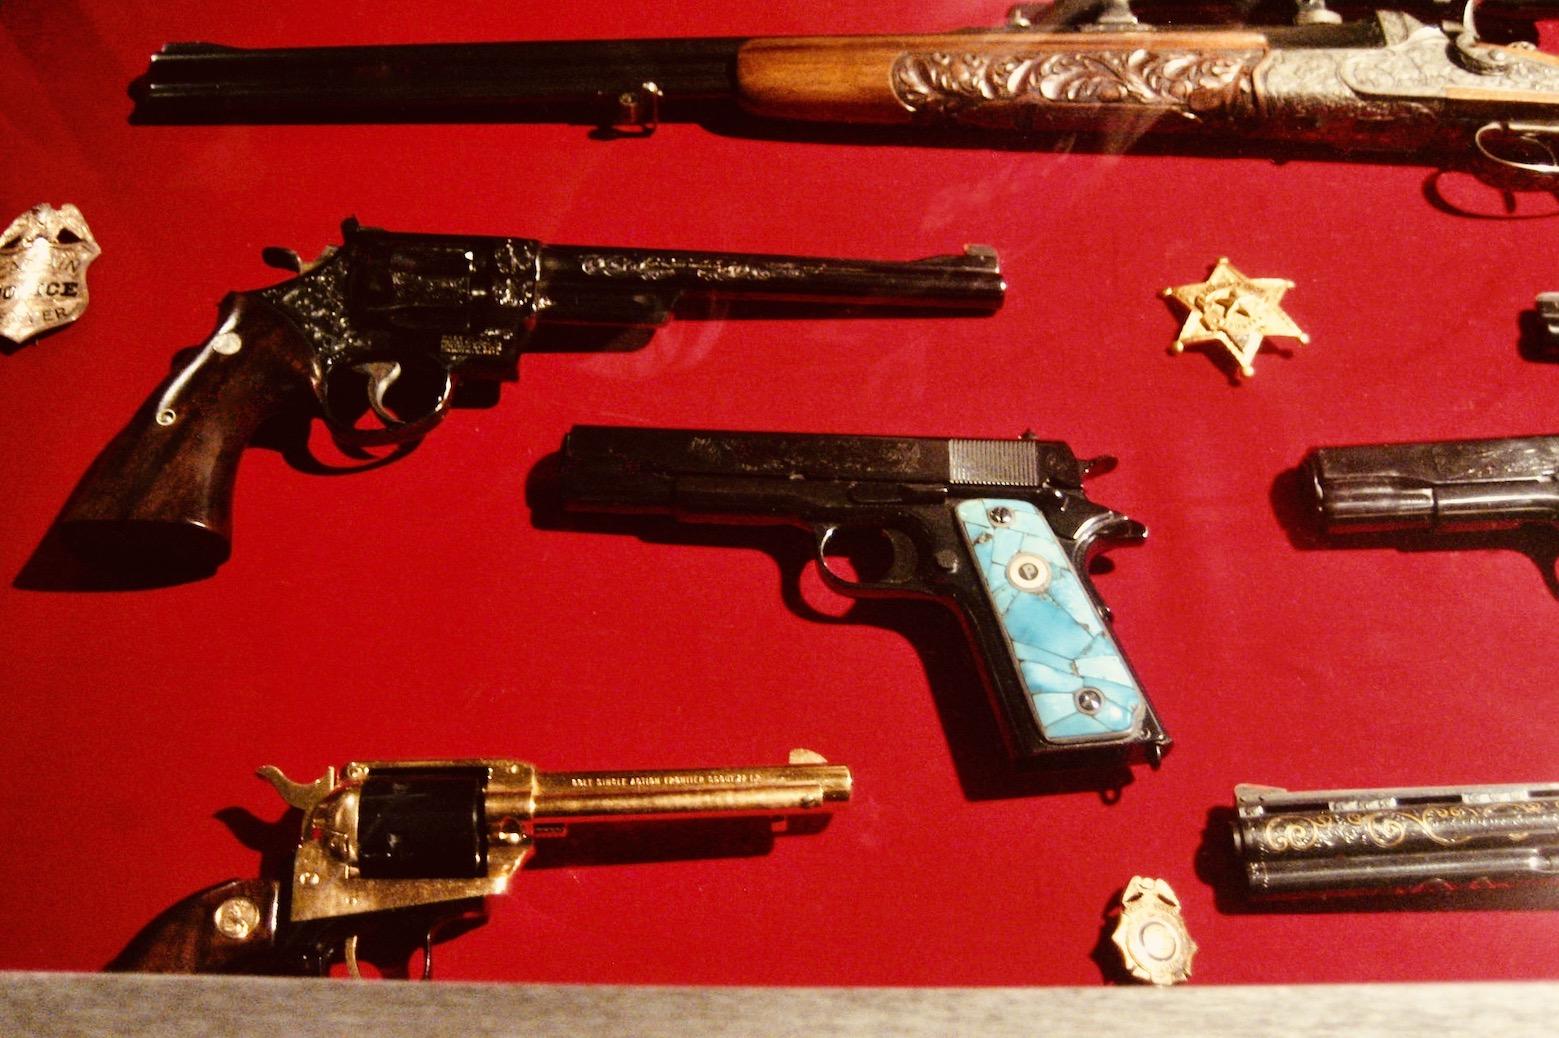 Memphis Nostalgia Elvis Presley's gun collection